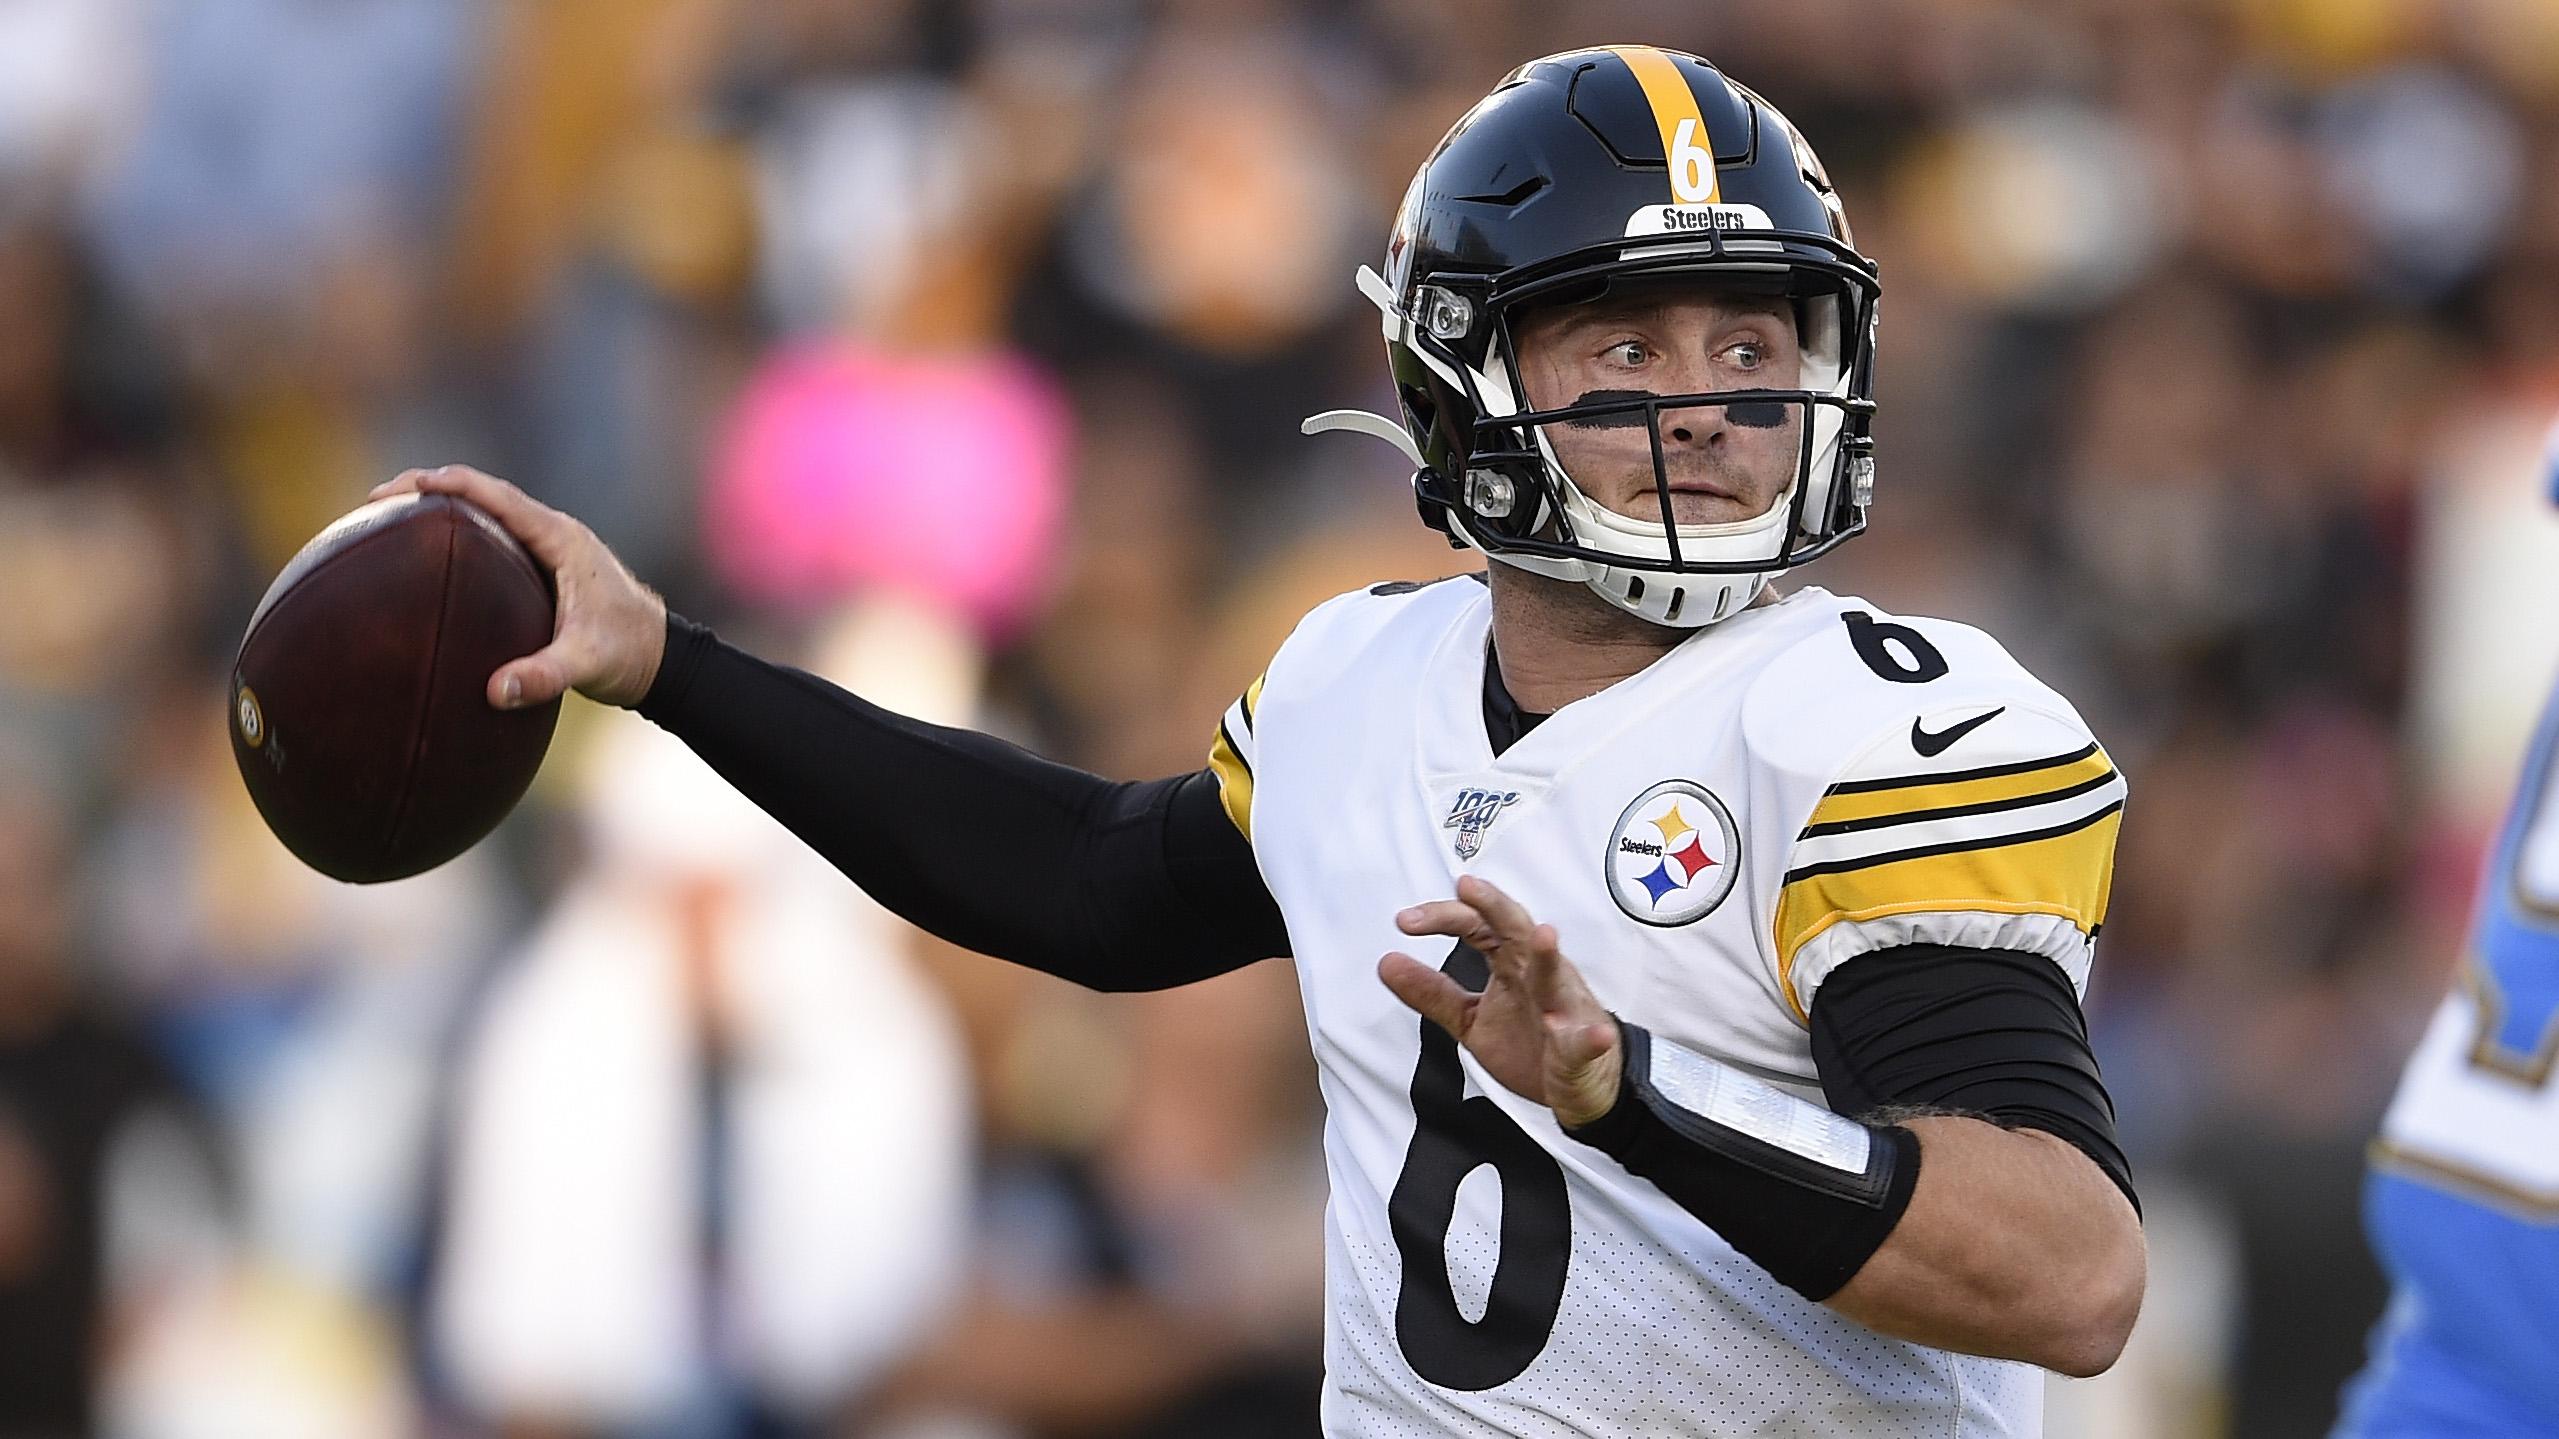 Steelers' Devlin Hodges appreciative of defense's effort in win